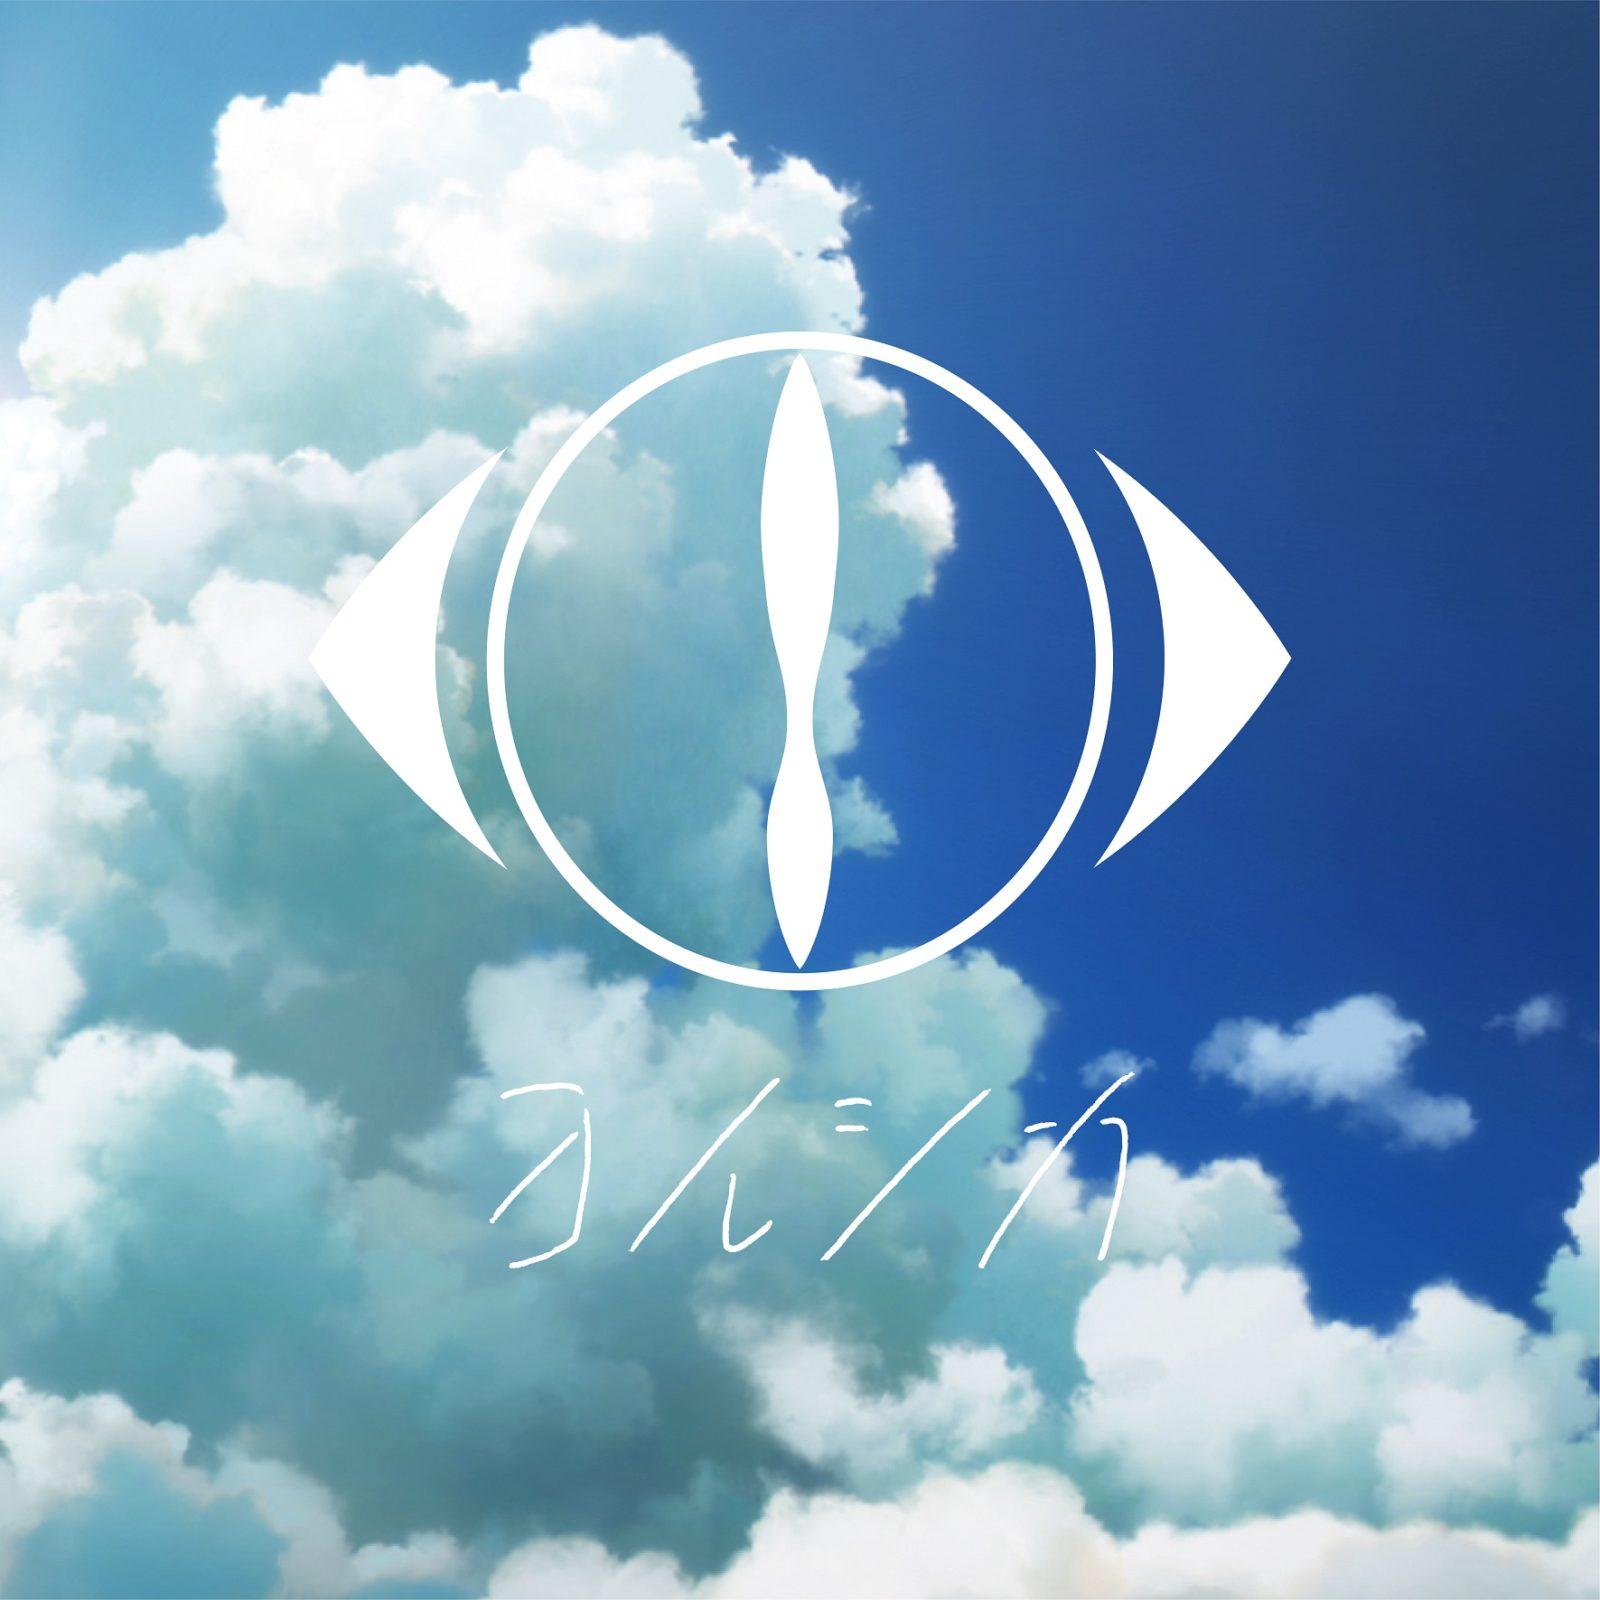 ヨルシカの新曲「花に亡霊」、4月22日より一斉配信決定サムネイル画像